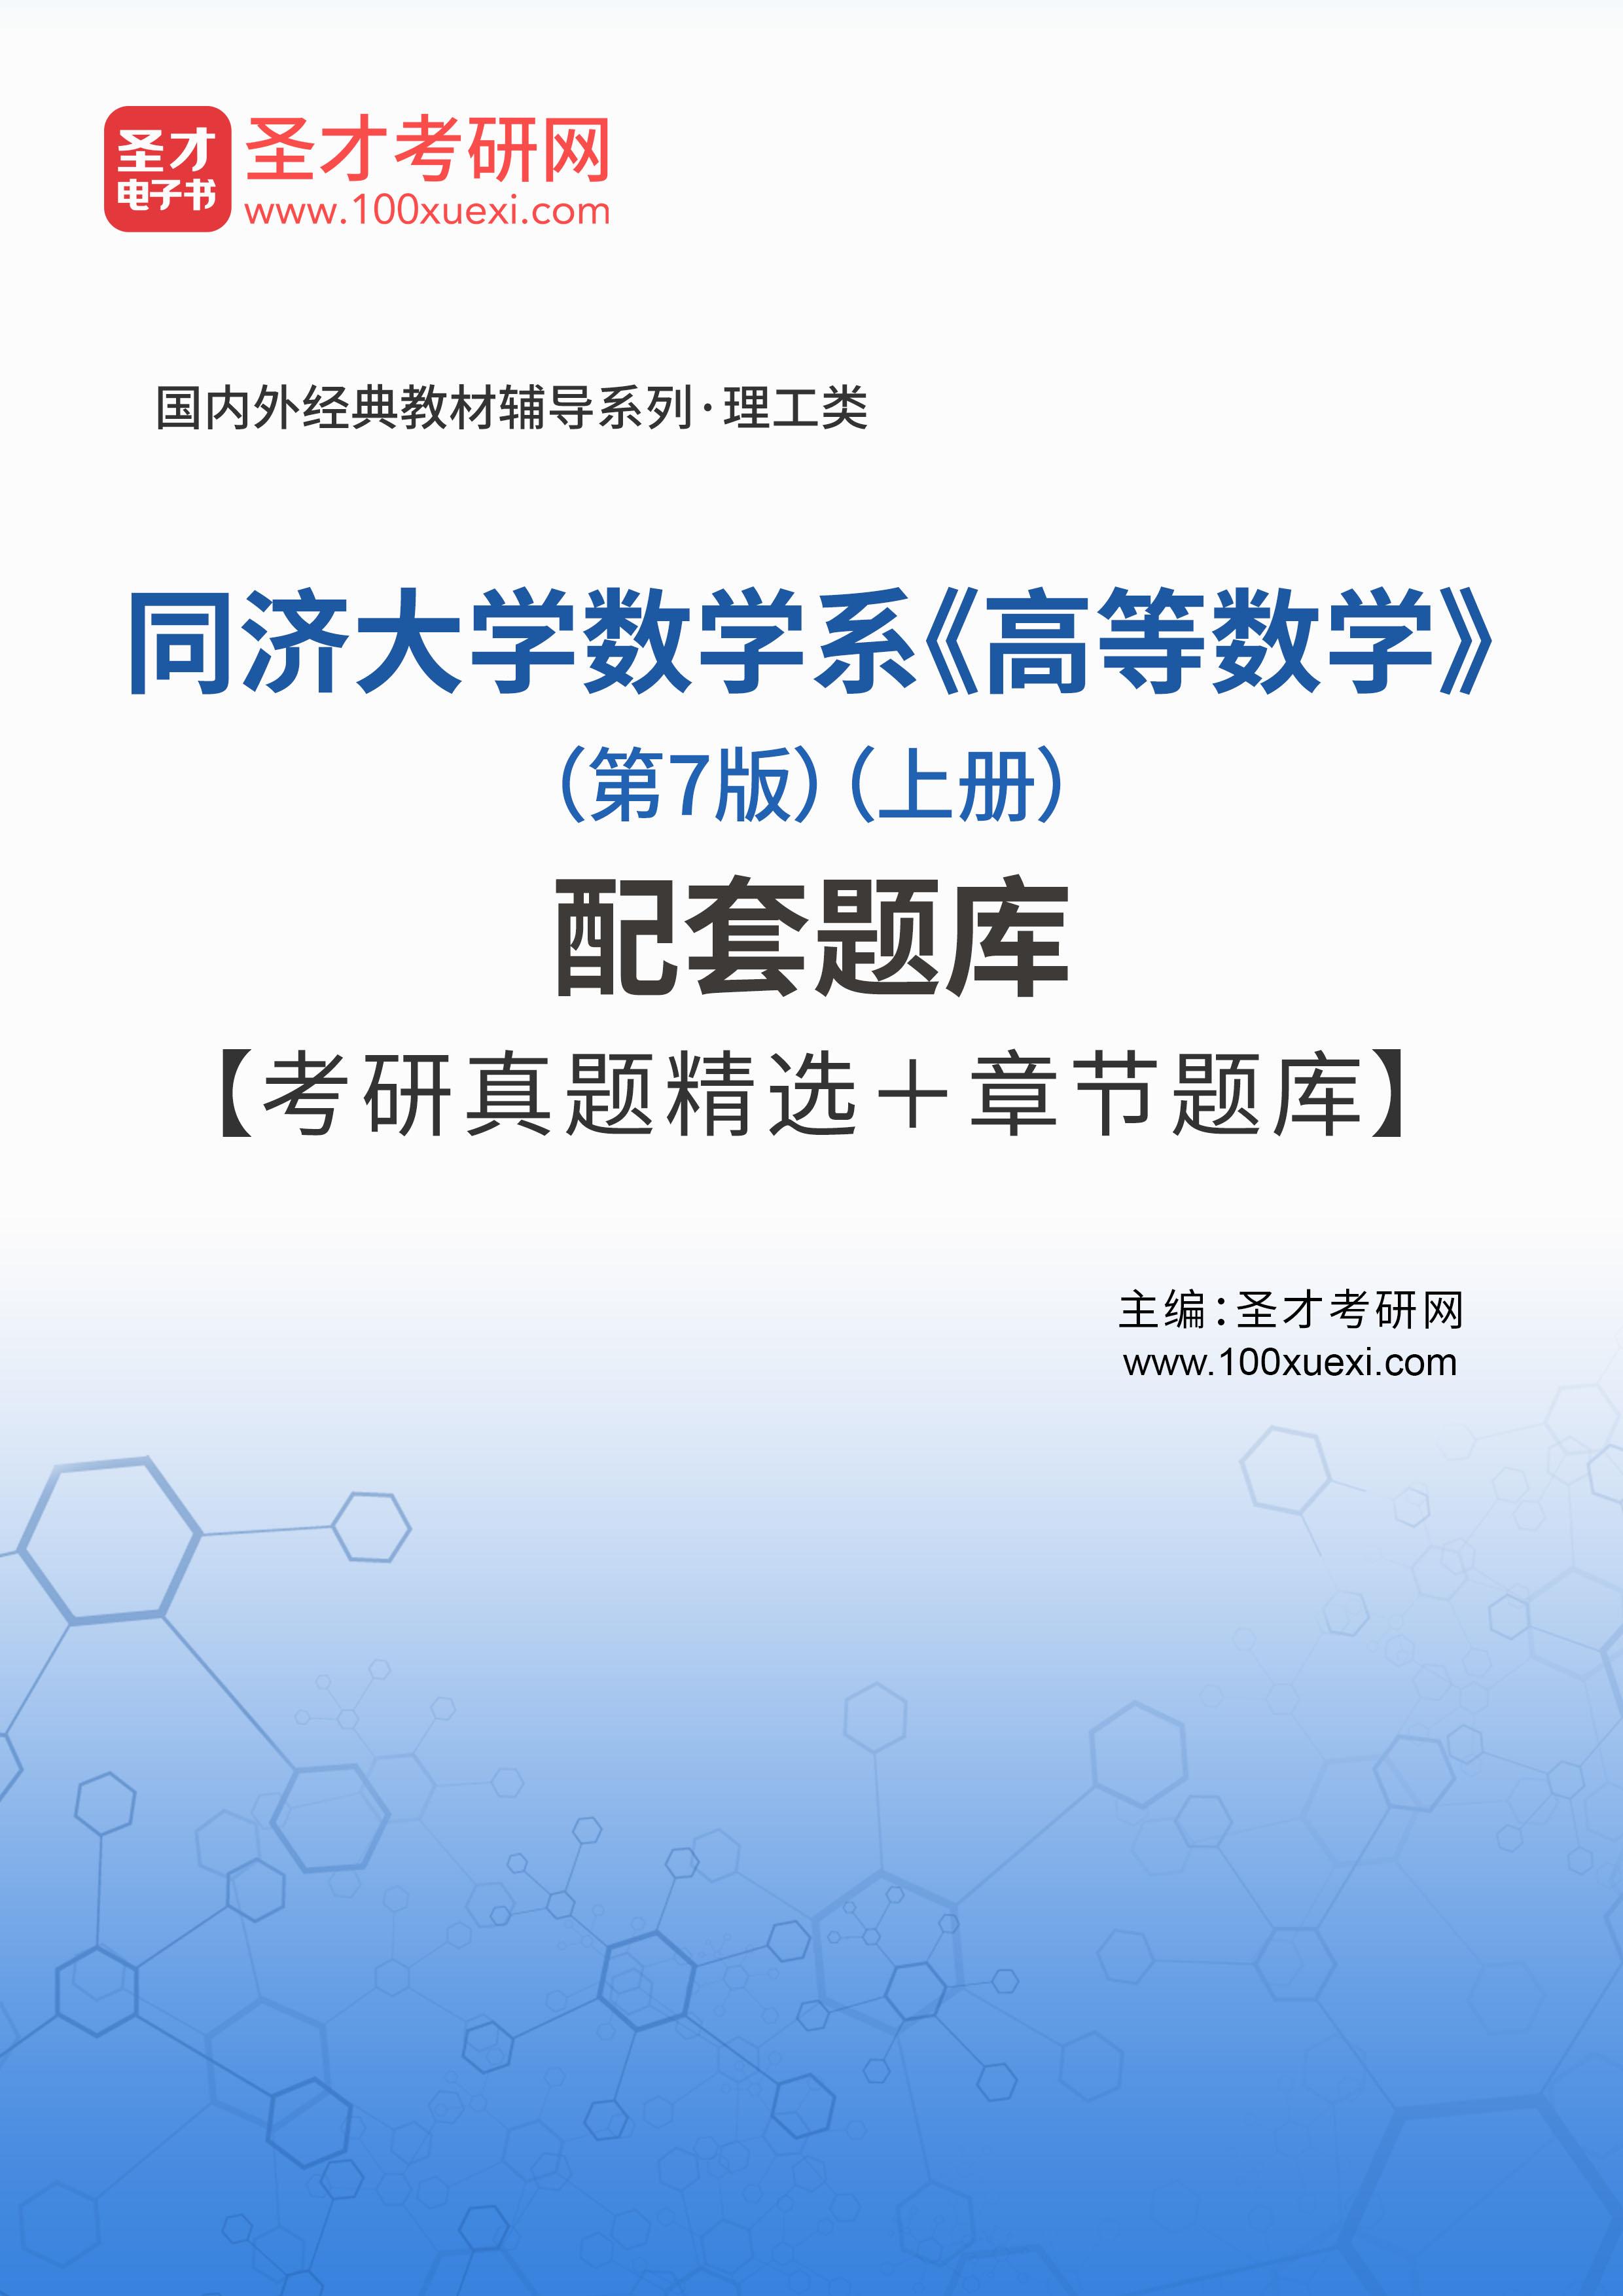 同济大学 数学系369学习网